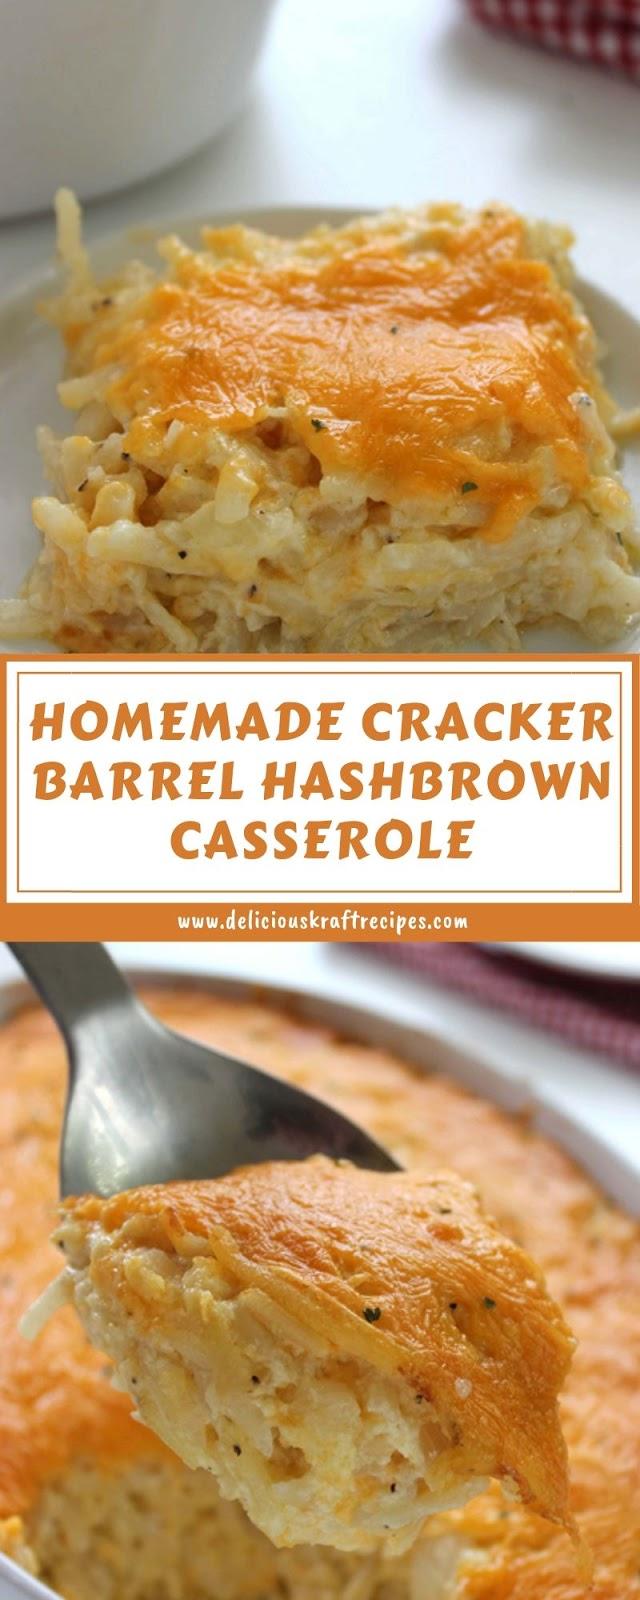 HOMEMADE CRACKER BARREL HASHBROWN CASSEROLE